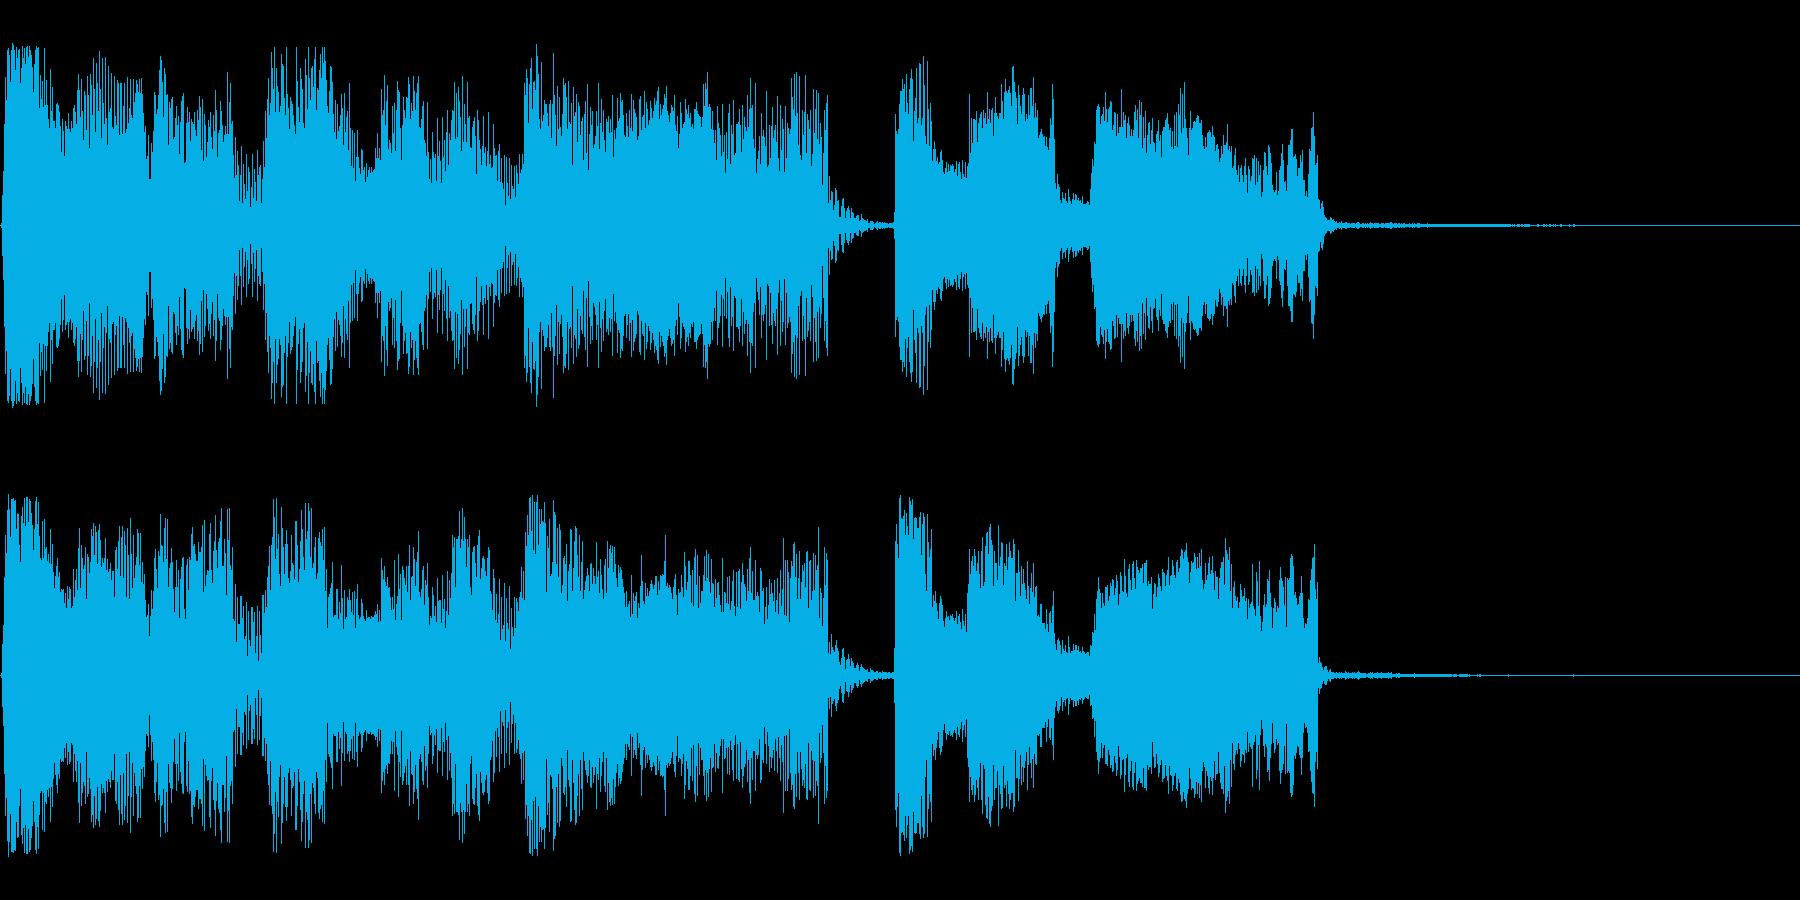 【パステルカラー2】の再生済みの波形